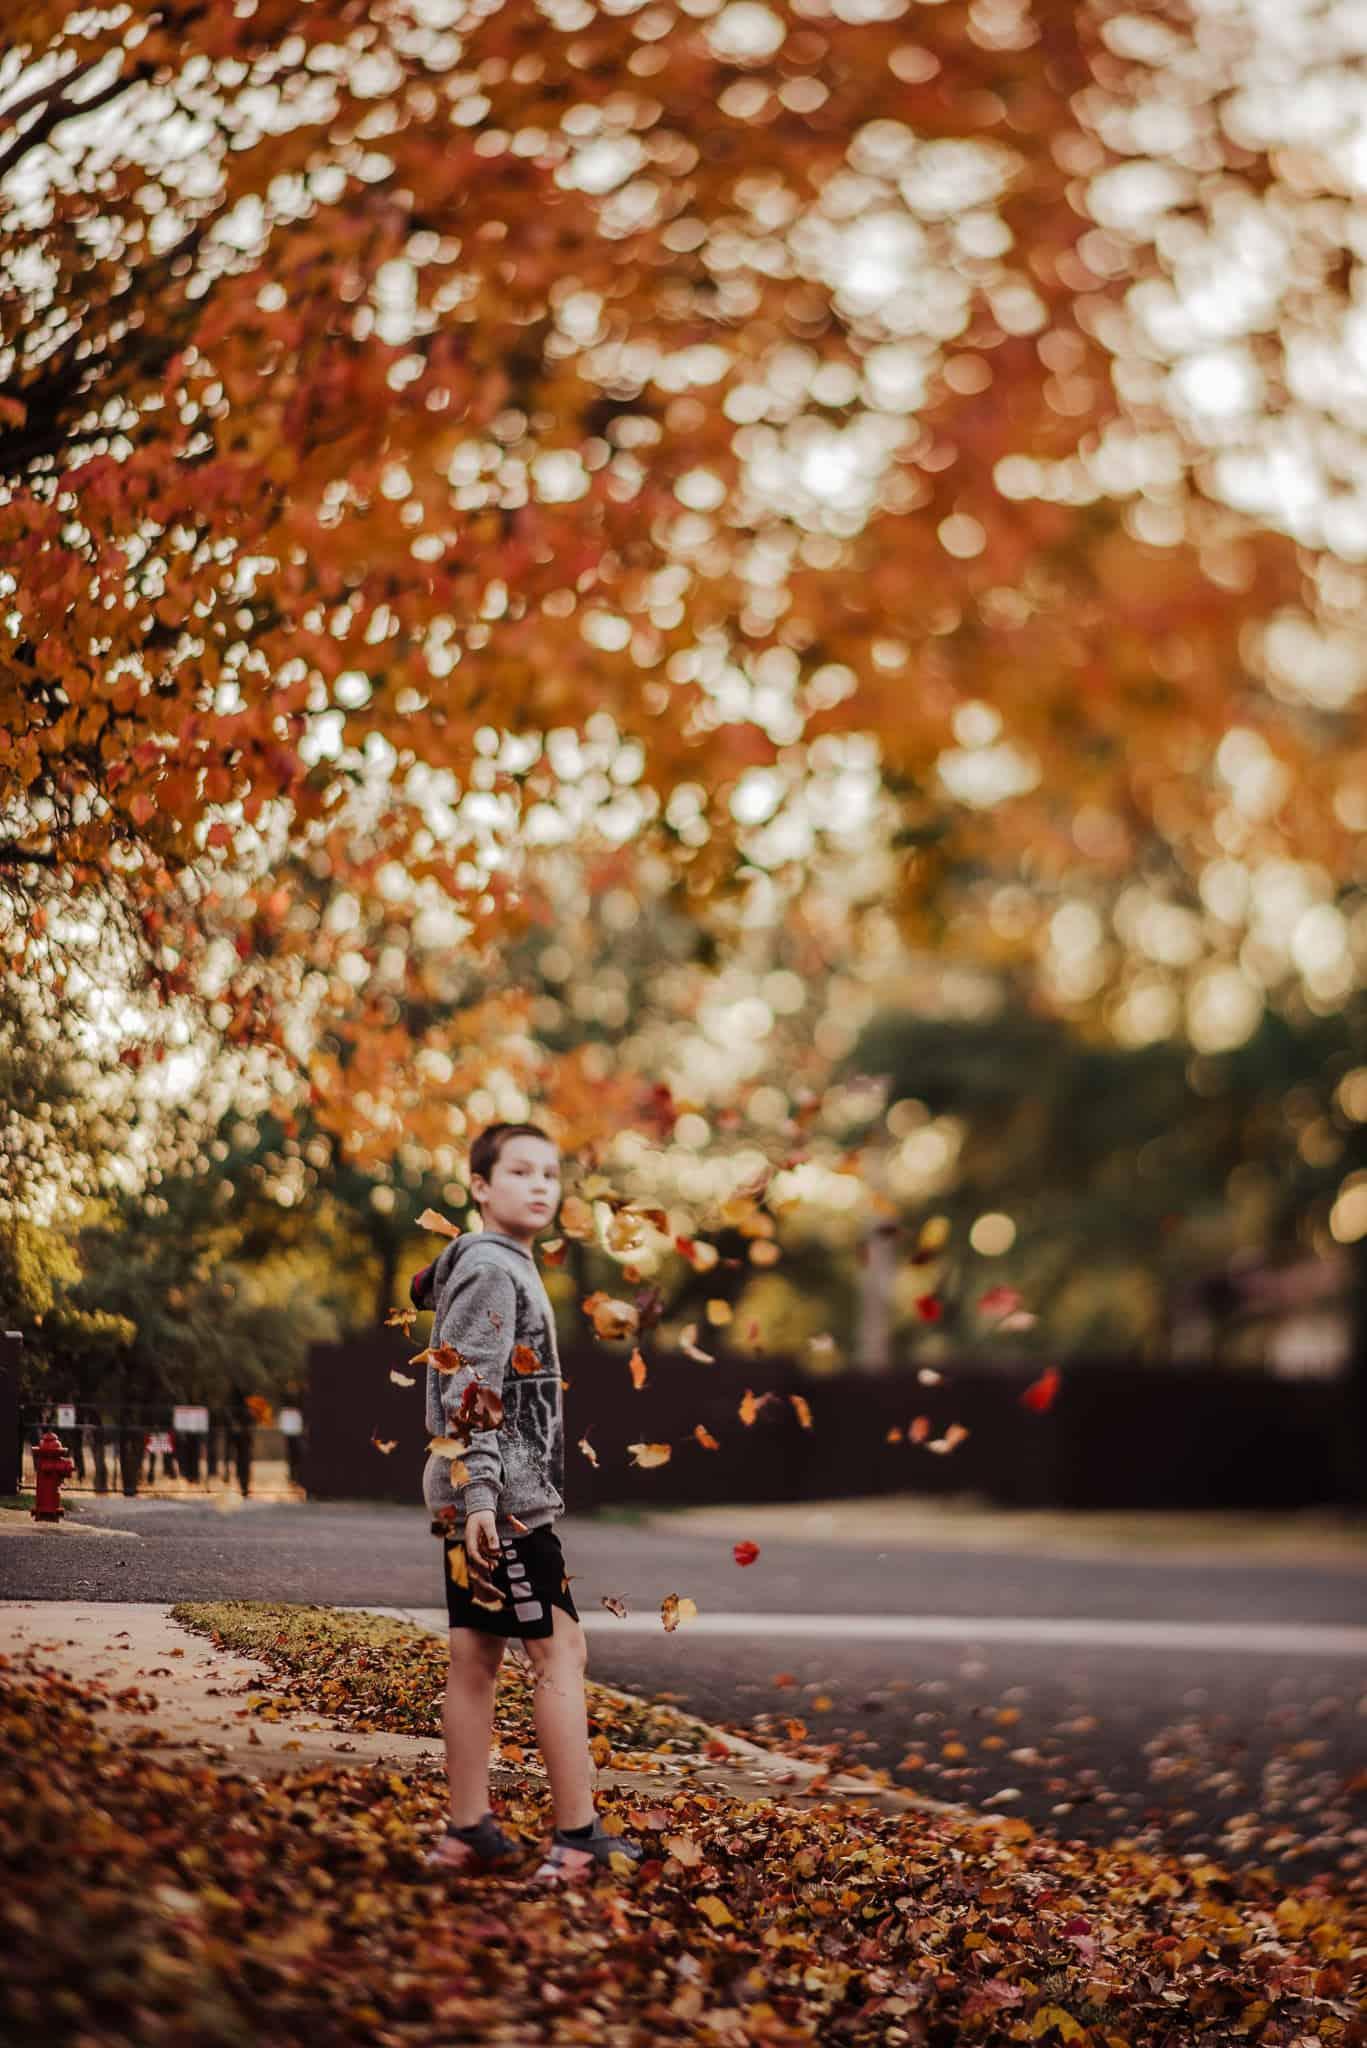 A Kid's Life XXIV